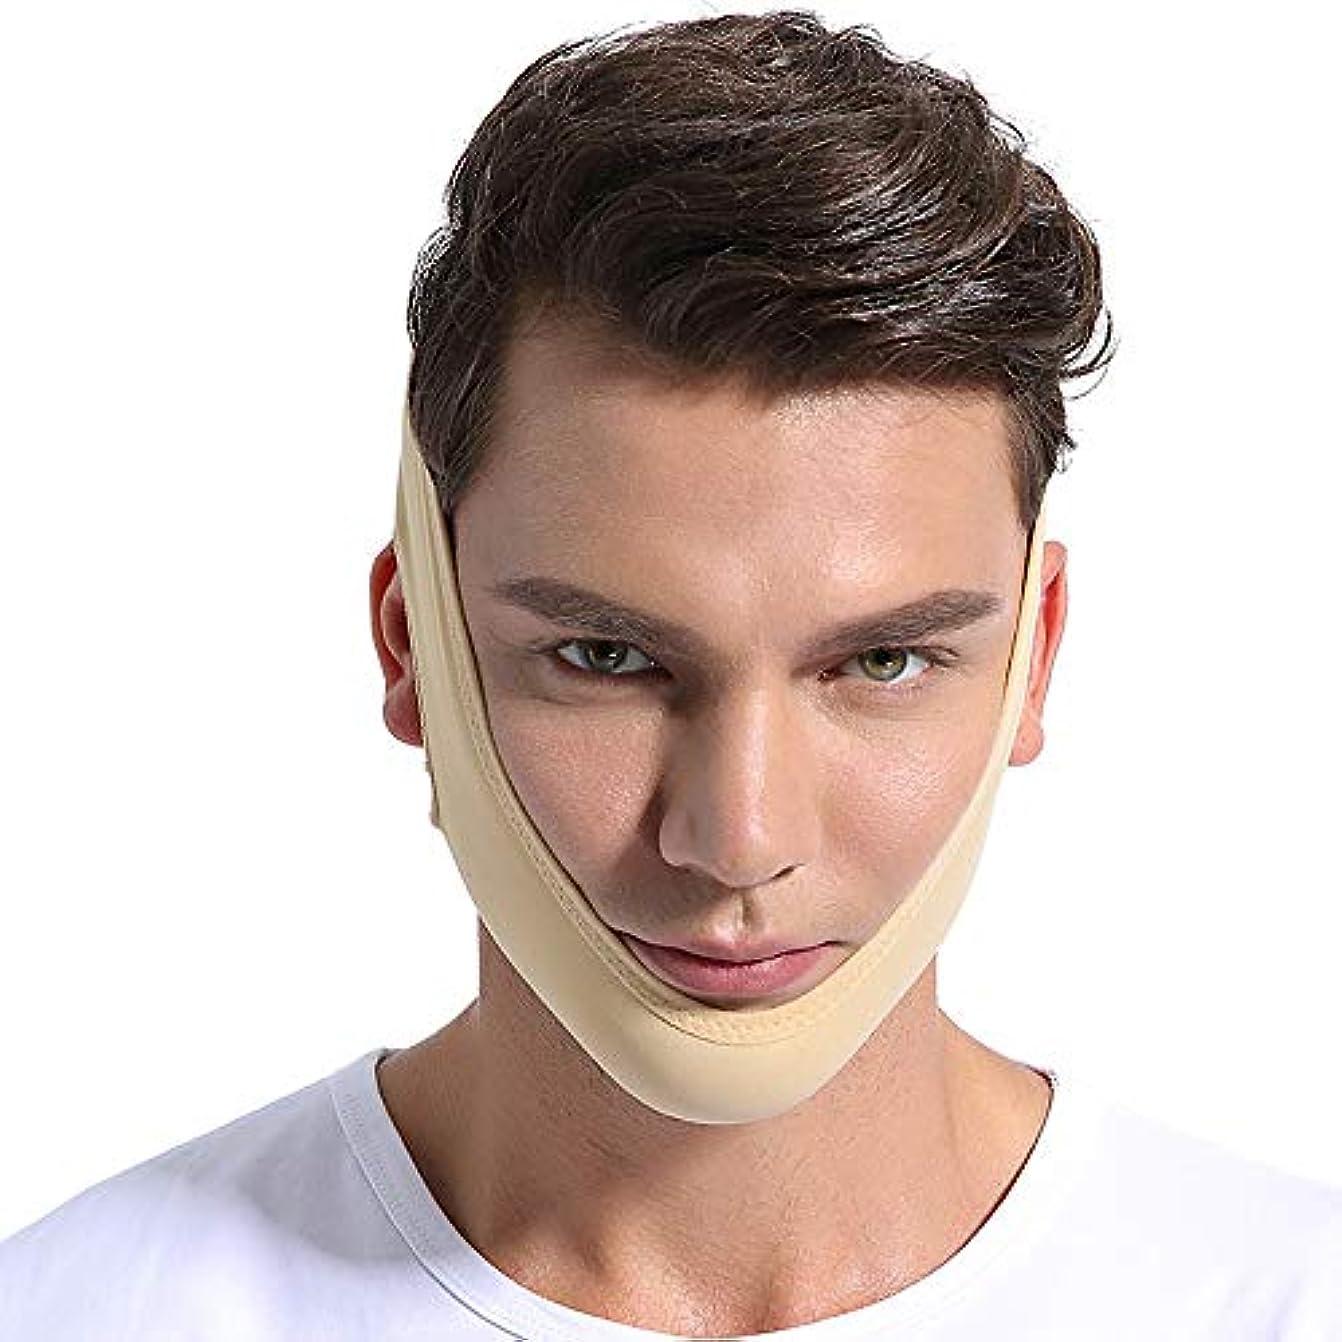 揮発性誰でもクレジット顔面持ち上げ用具、Vフェイスの薄い顔の包帯顔面マッサージ器リフティングパッキングマスク,L